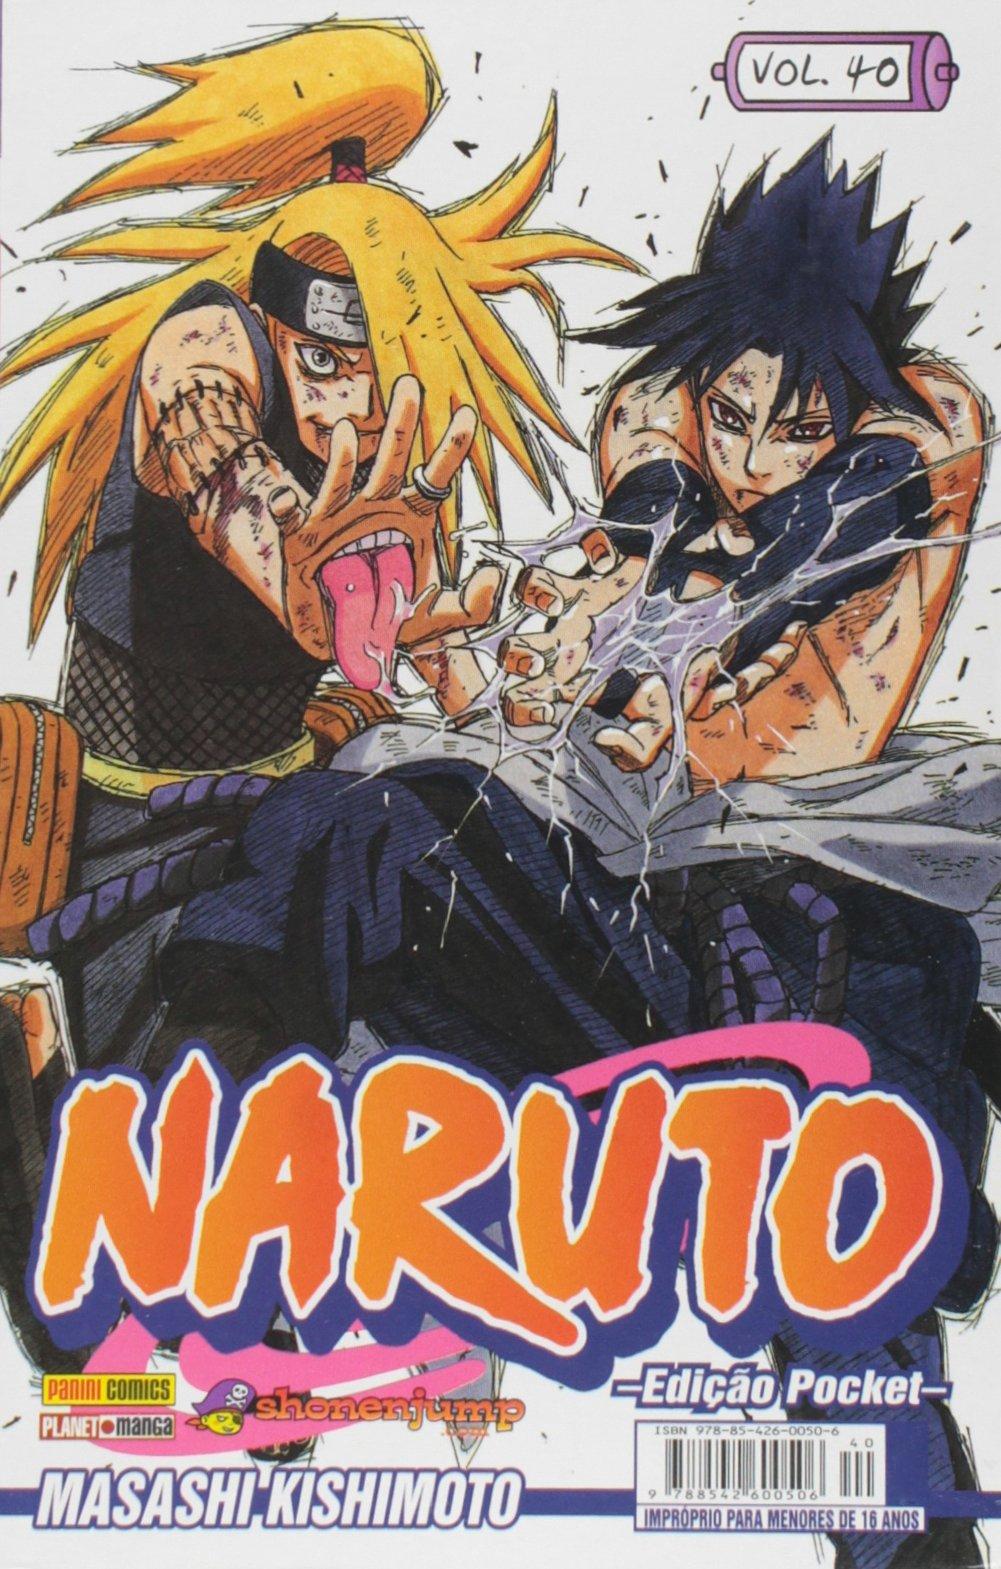 Naruto Pocket - Vol.40: Masashi Kishimoto: 9788542600506 ...